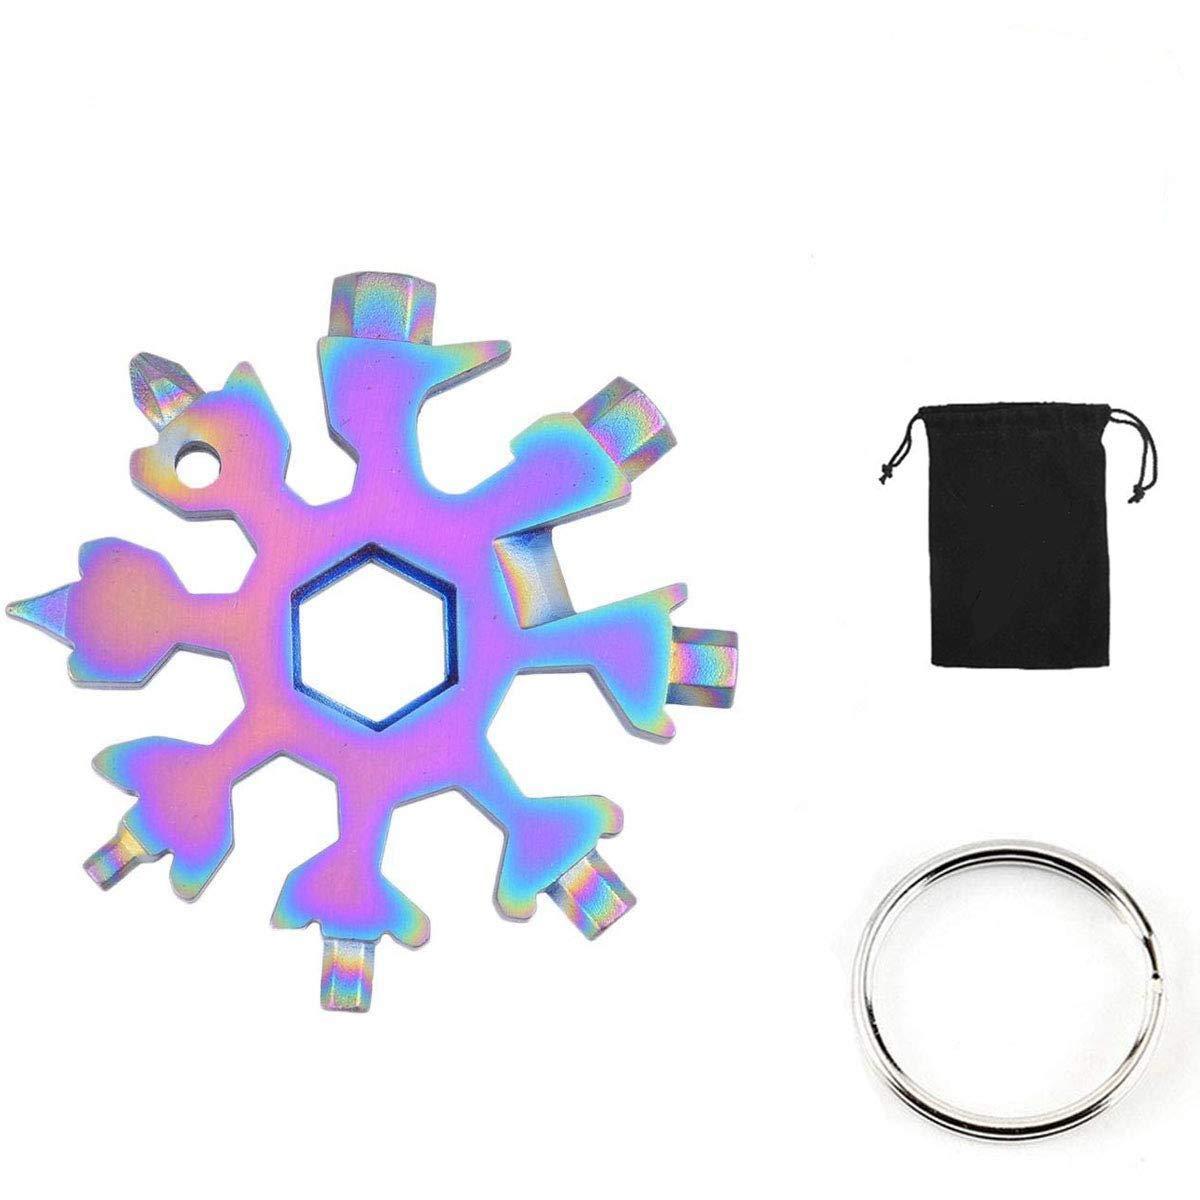 Lomio 18-en-1 multi-herramienta copo de combinada, acero inoxidable llavero + bolsa de tela negro portátil (Colorido), especialmente para deportes al ...